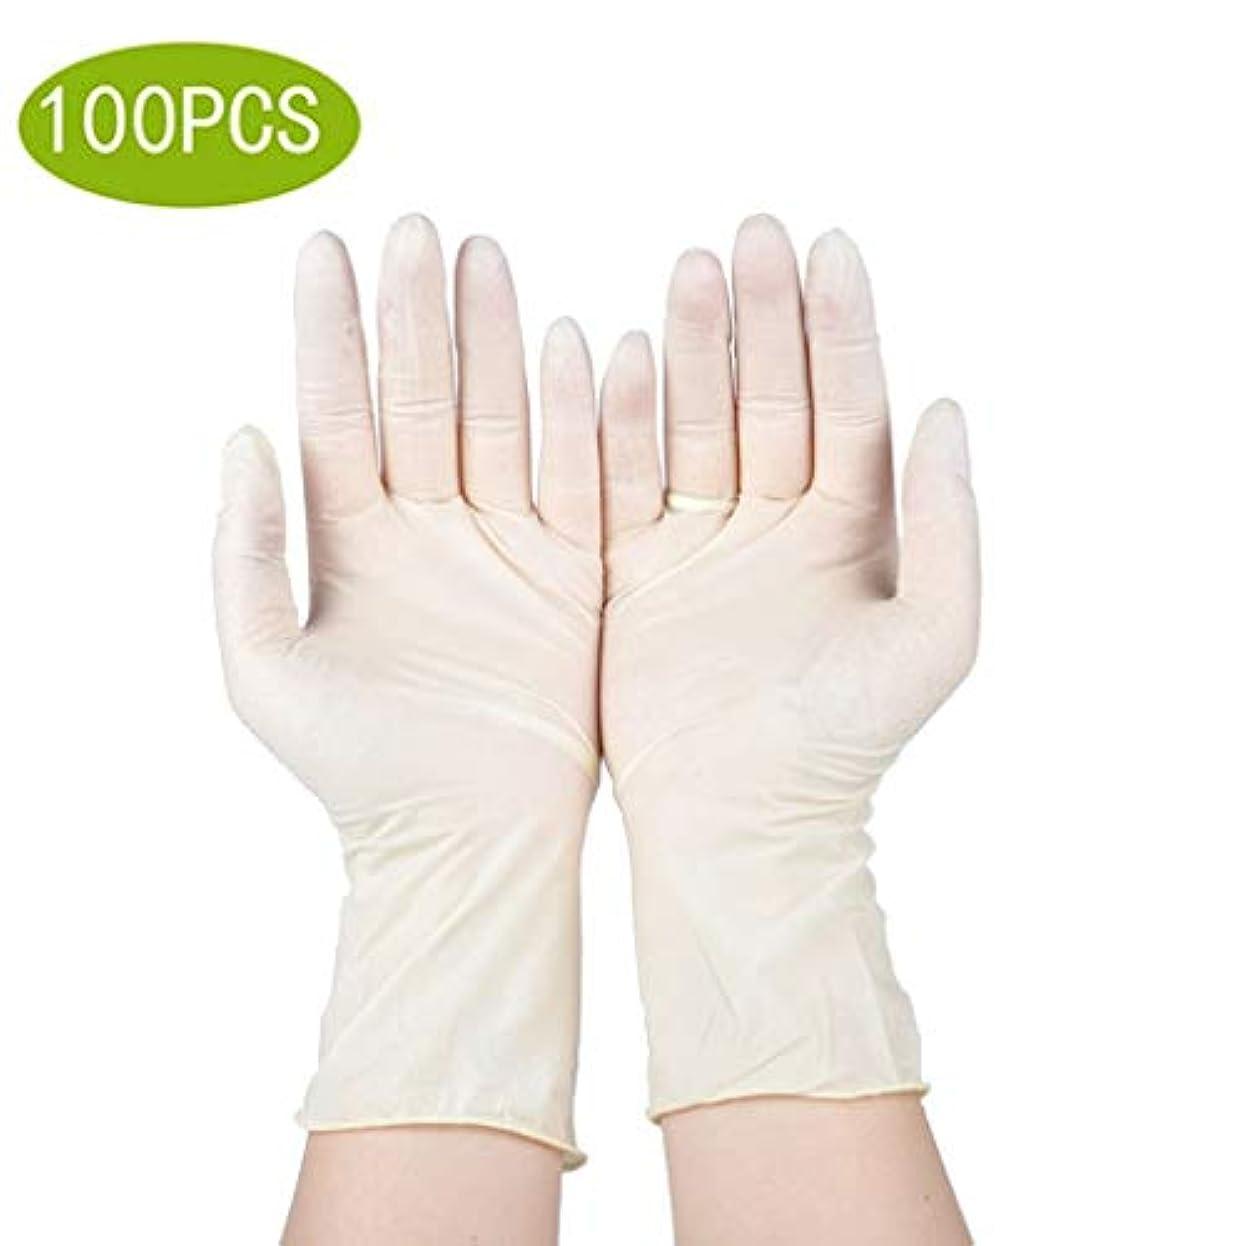 速度ぬれたミルクニトリル手袋義務使い捨てビニール手袋、100カウント、特大 - パウダーフリー、両用性、超快適、極度の強度、耐久性と伸縮性、医療、食品、マルチユース (Color : Latex Gloves, Size : M)